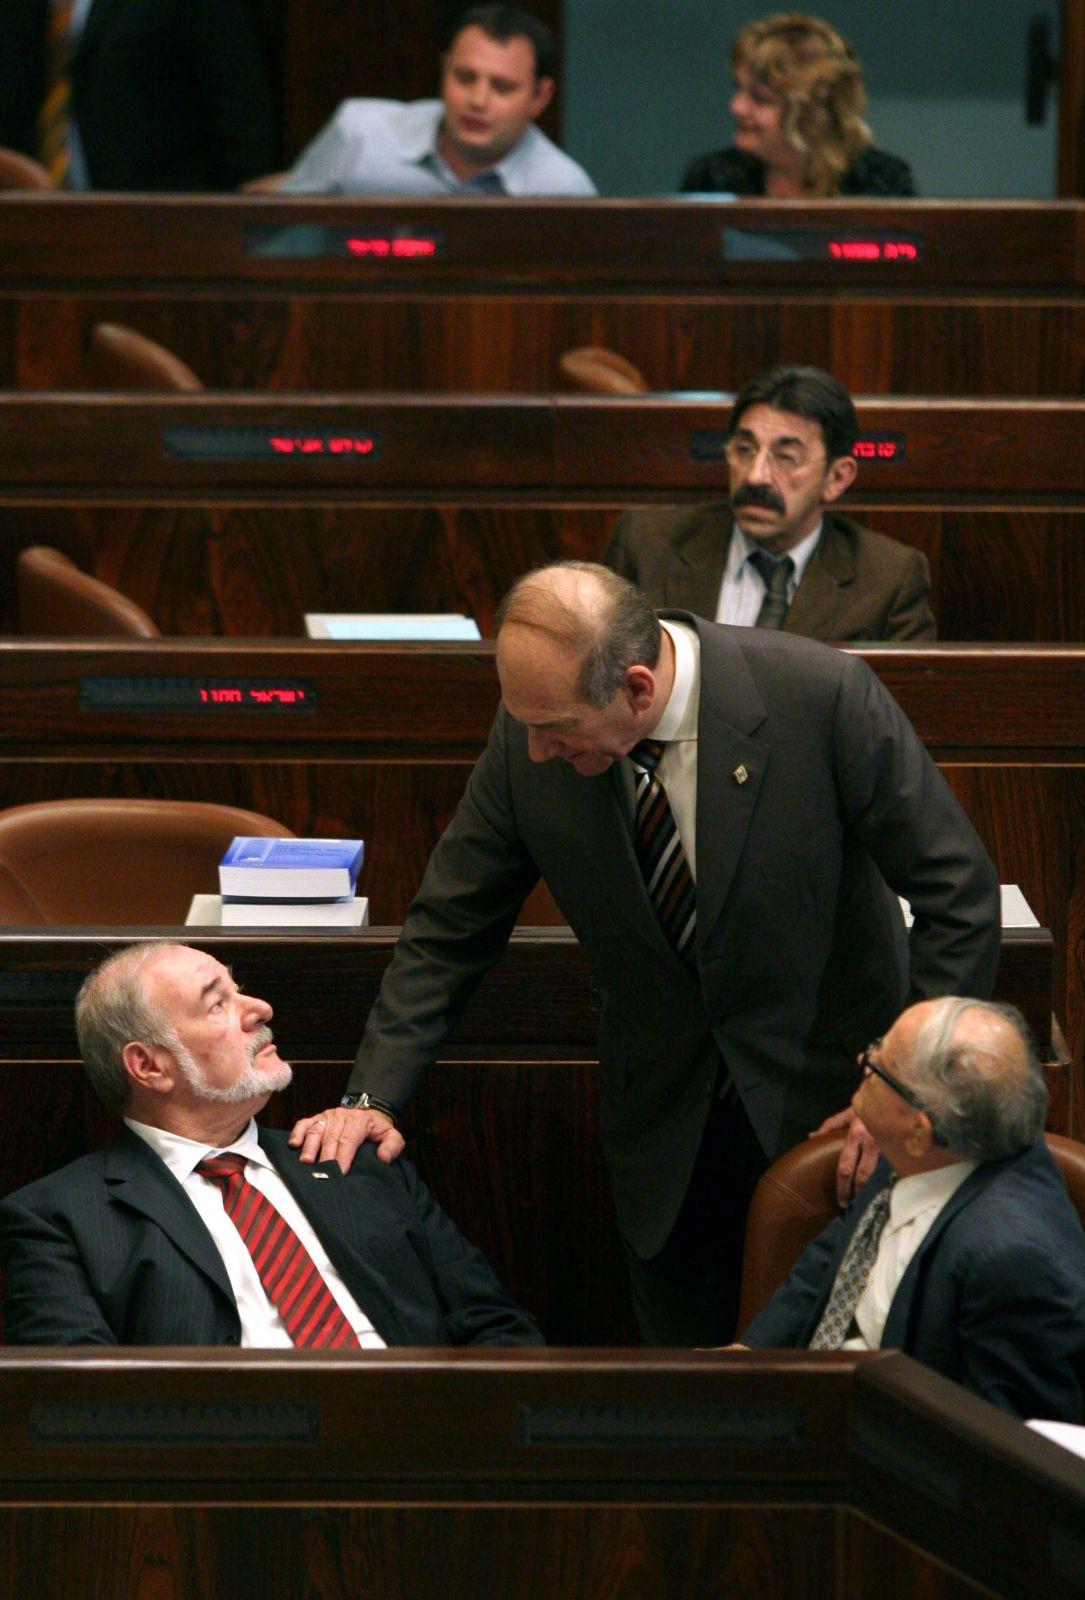 אולמרט בכנסת עם שר האוצר לשעבר אברהם הירשזון, שהורשע בגניבה. 2006 (צילום: פייר תורג'מן)